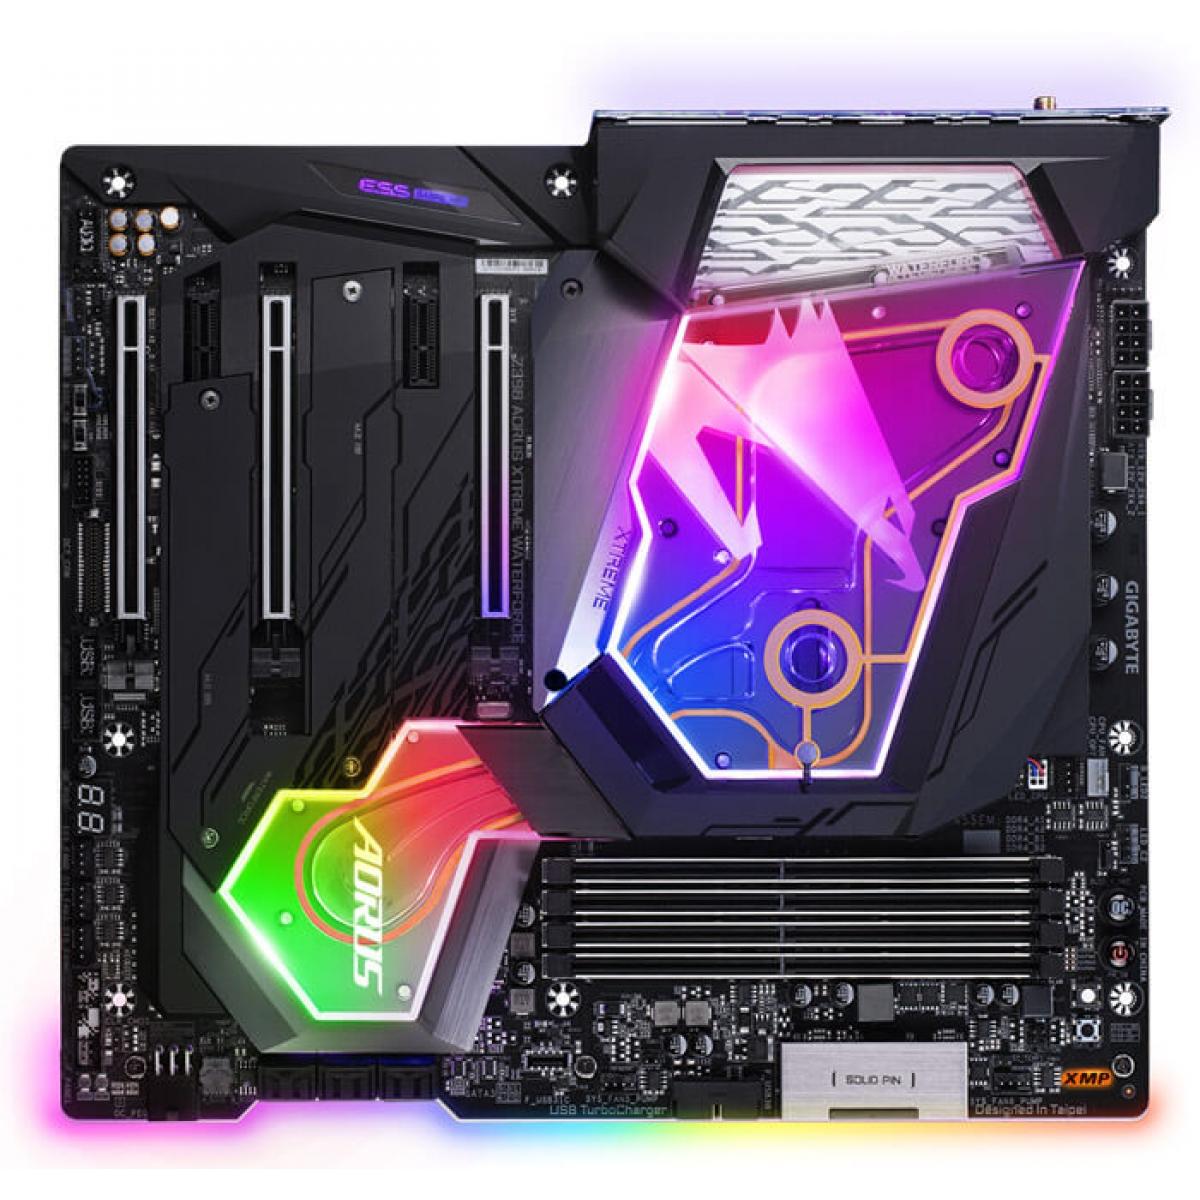 Placa Mãe Gigabyte Z390 Aorus Xtreme Waterforce, Chipset Z390, Intel LGA 1151, E-ATX, DDR4